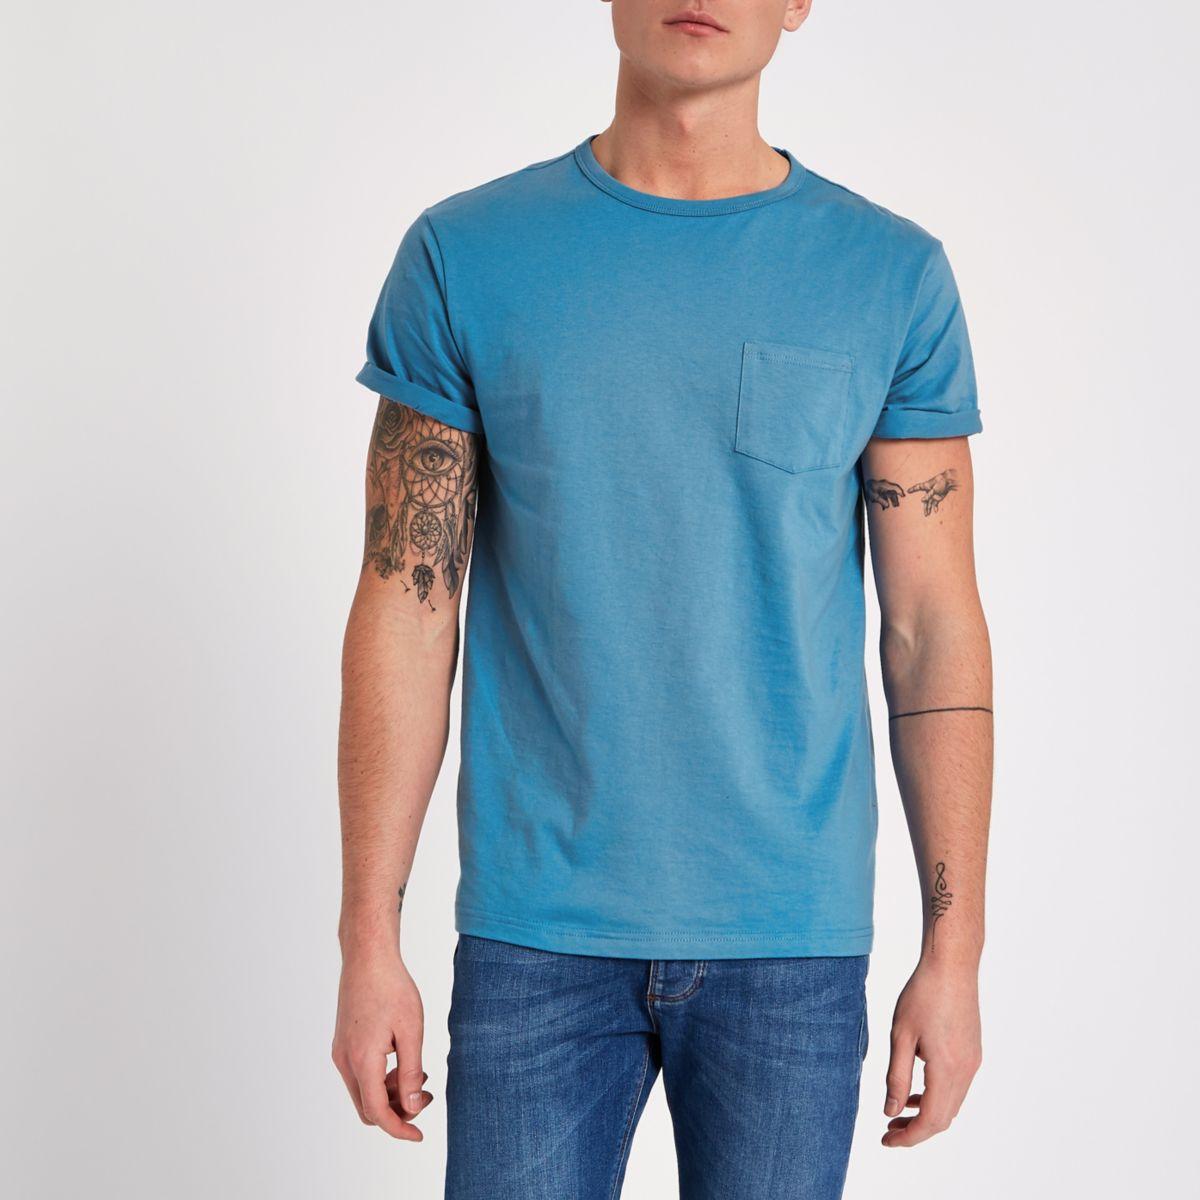 Lichtblauw T-shirt met opgerolde mouwen en zak